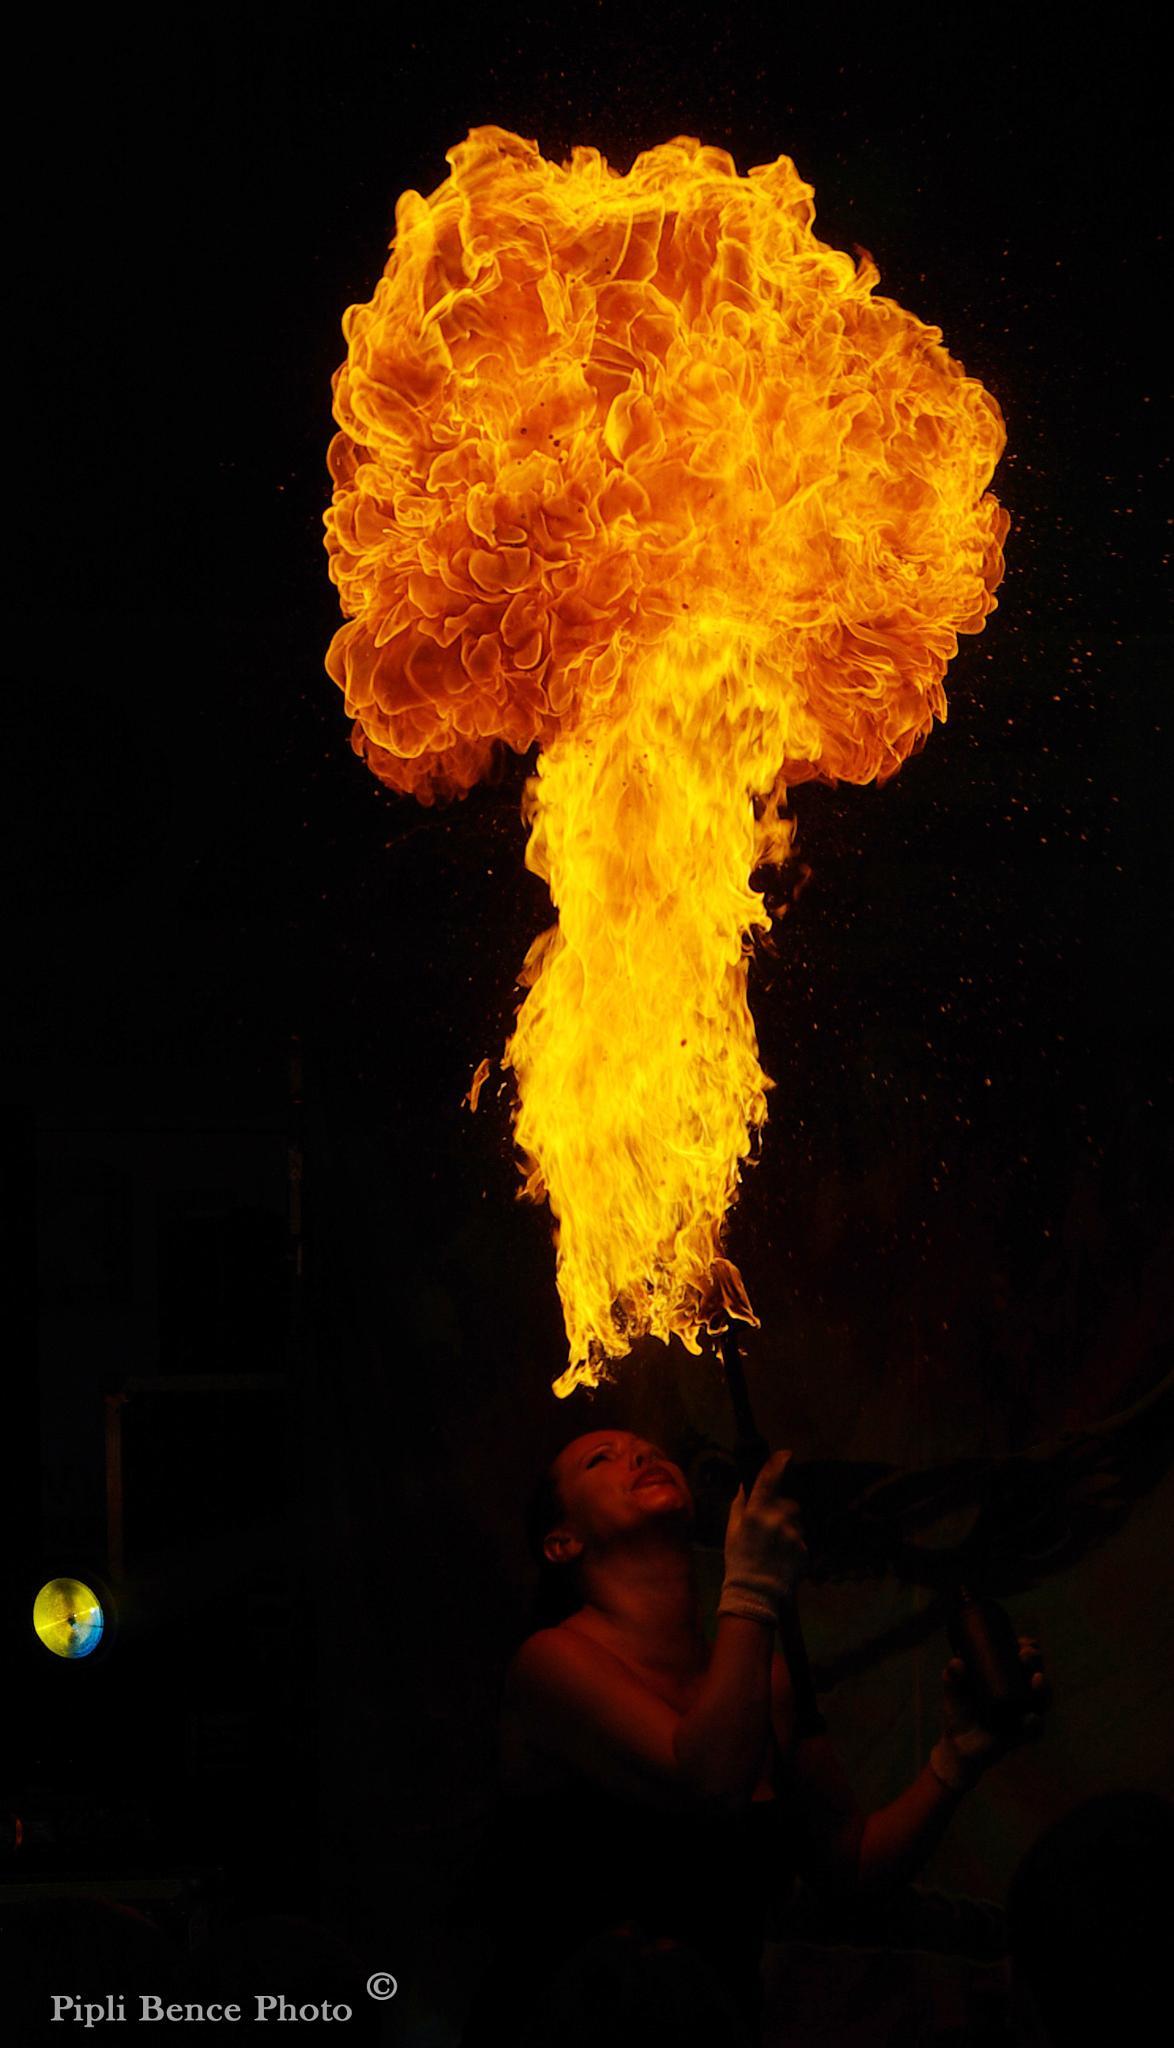 Fire fire by Pipli